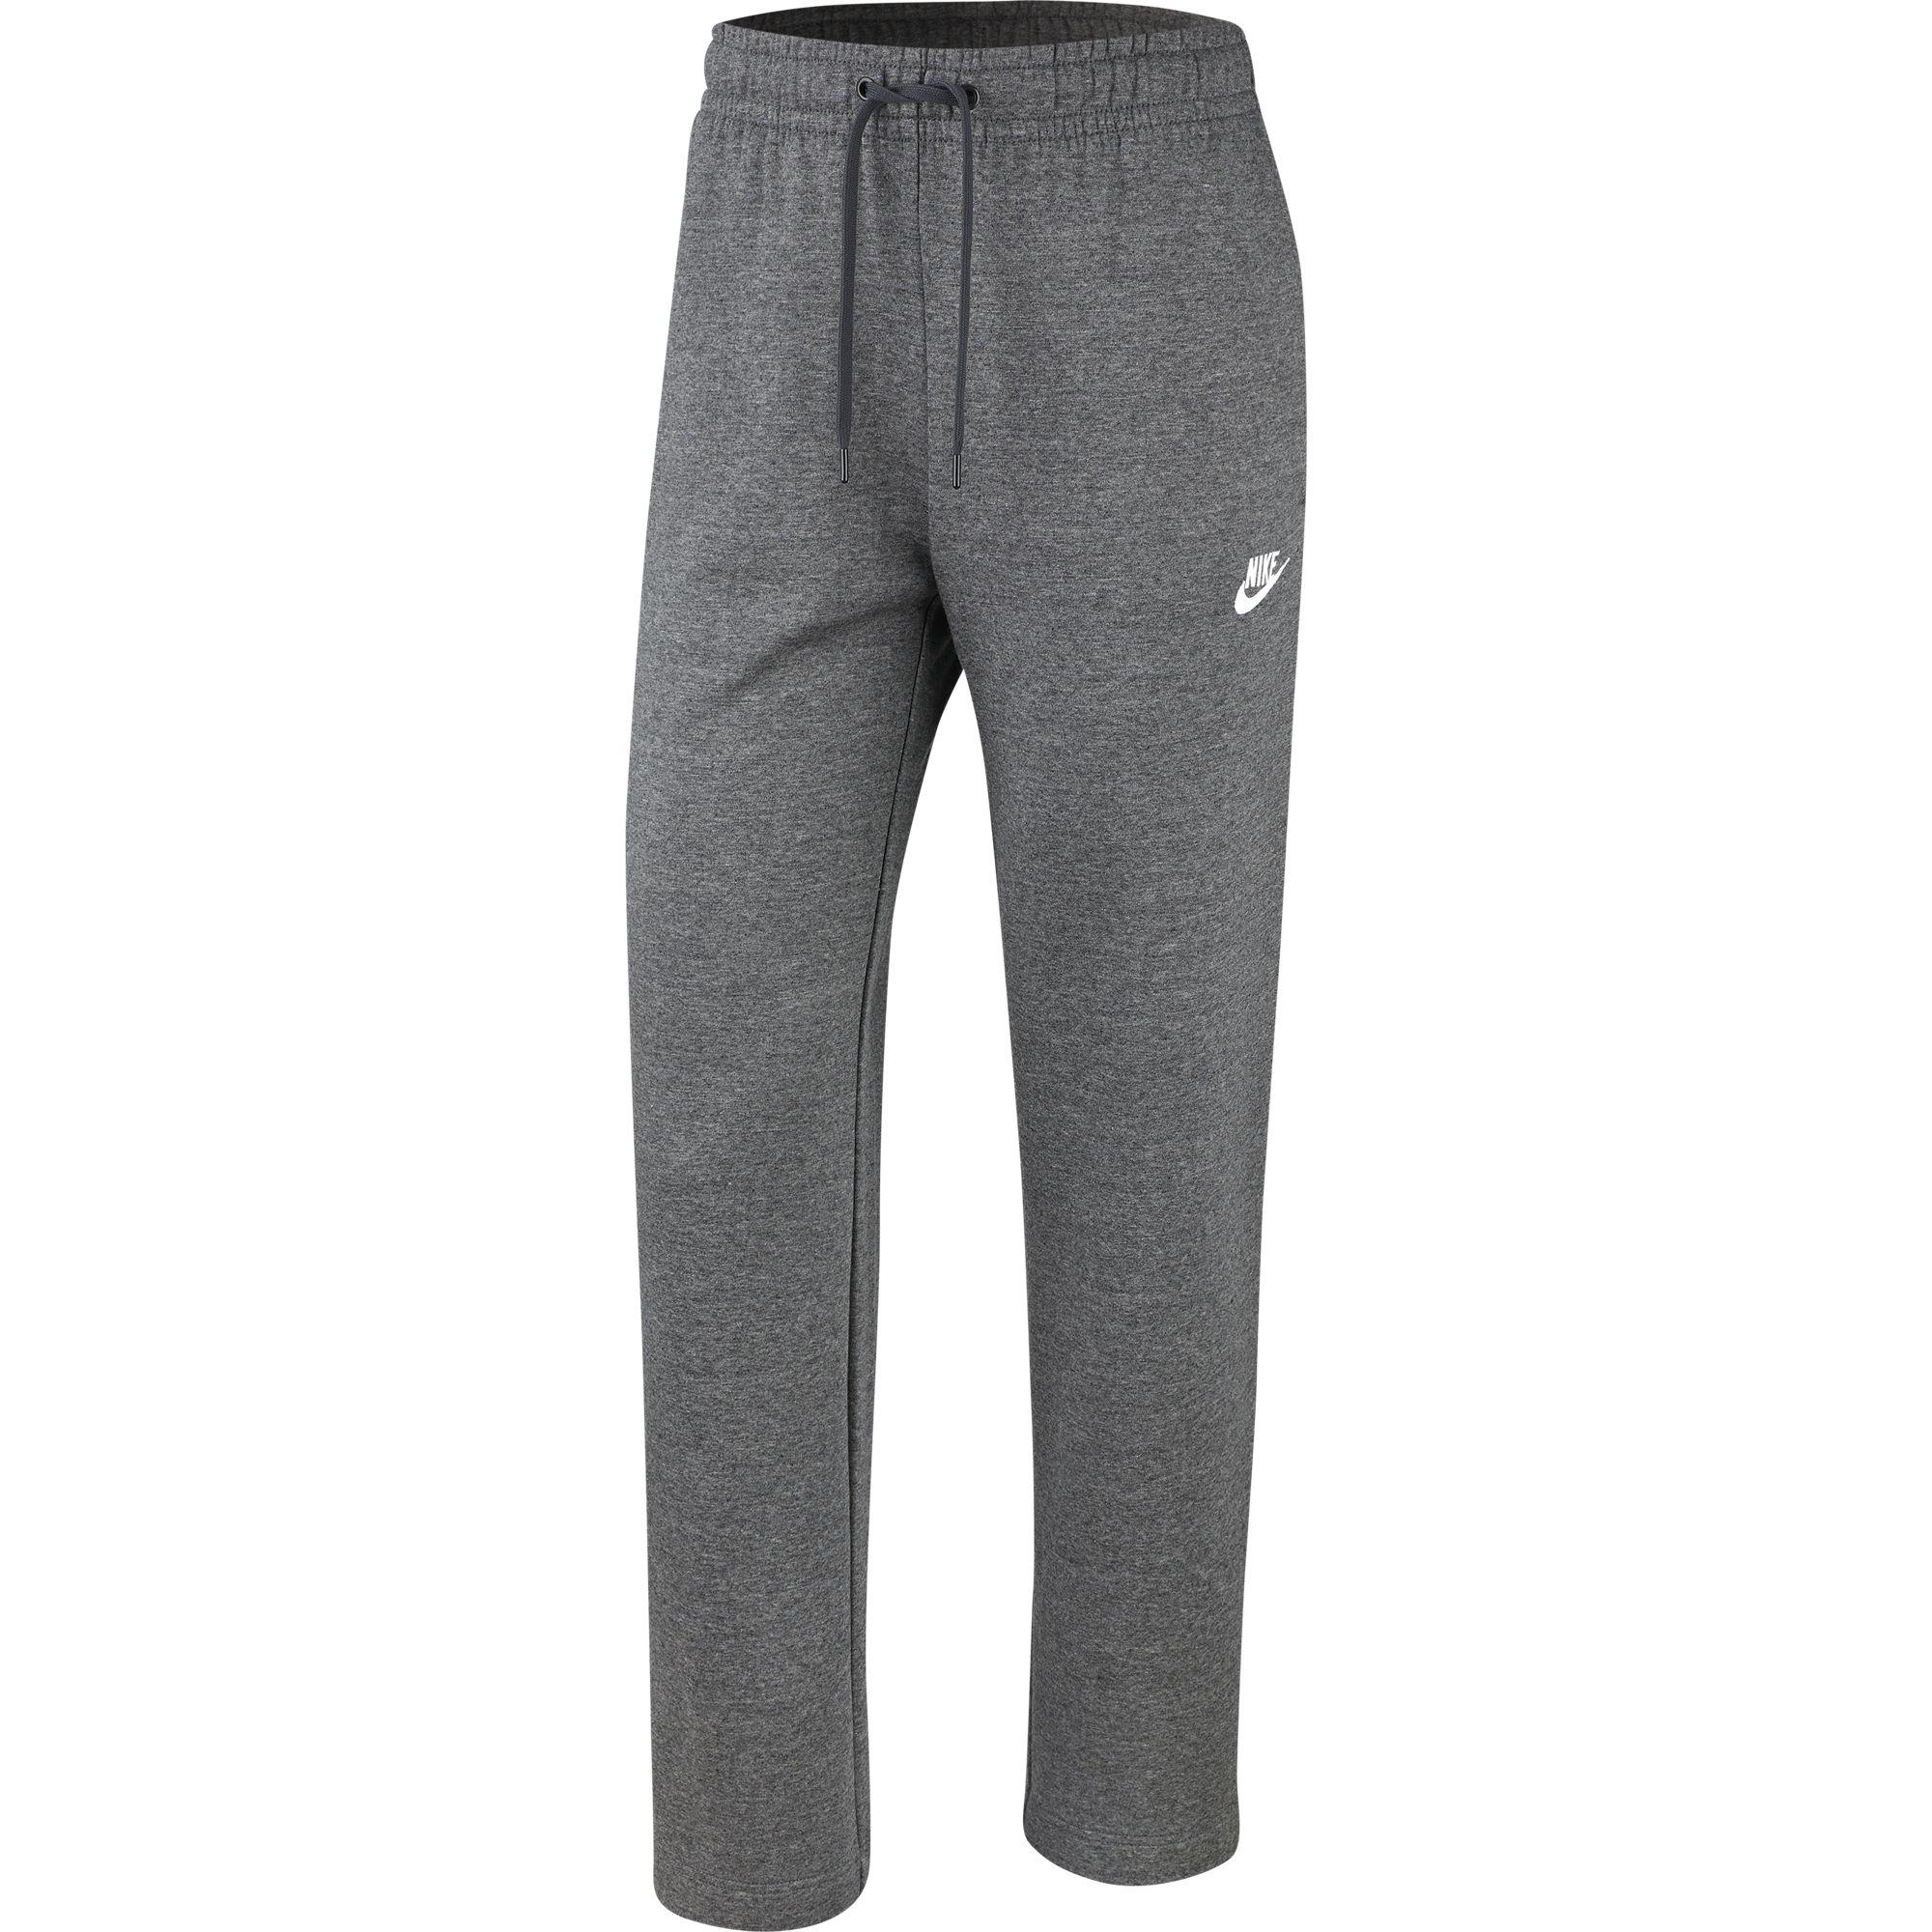 Women's Nike Sportswear Fleece Pants, Charcoal,Smoke,Steel, swatch